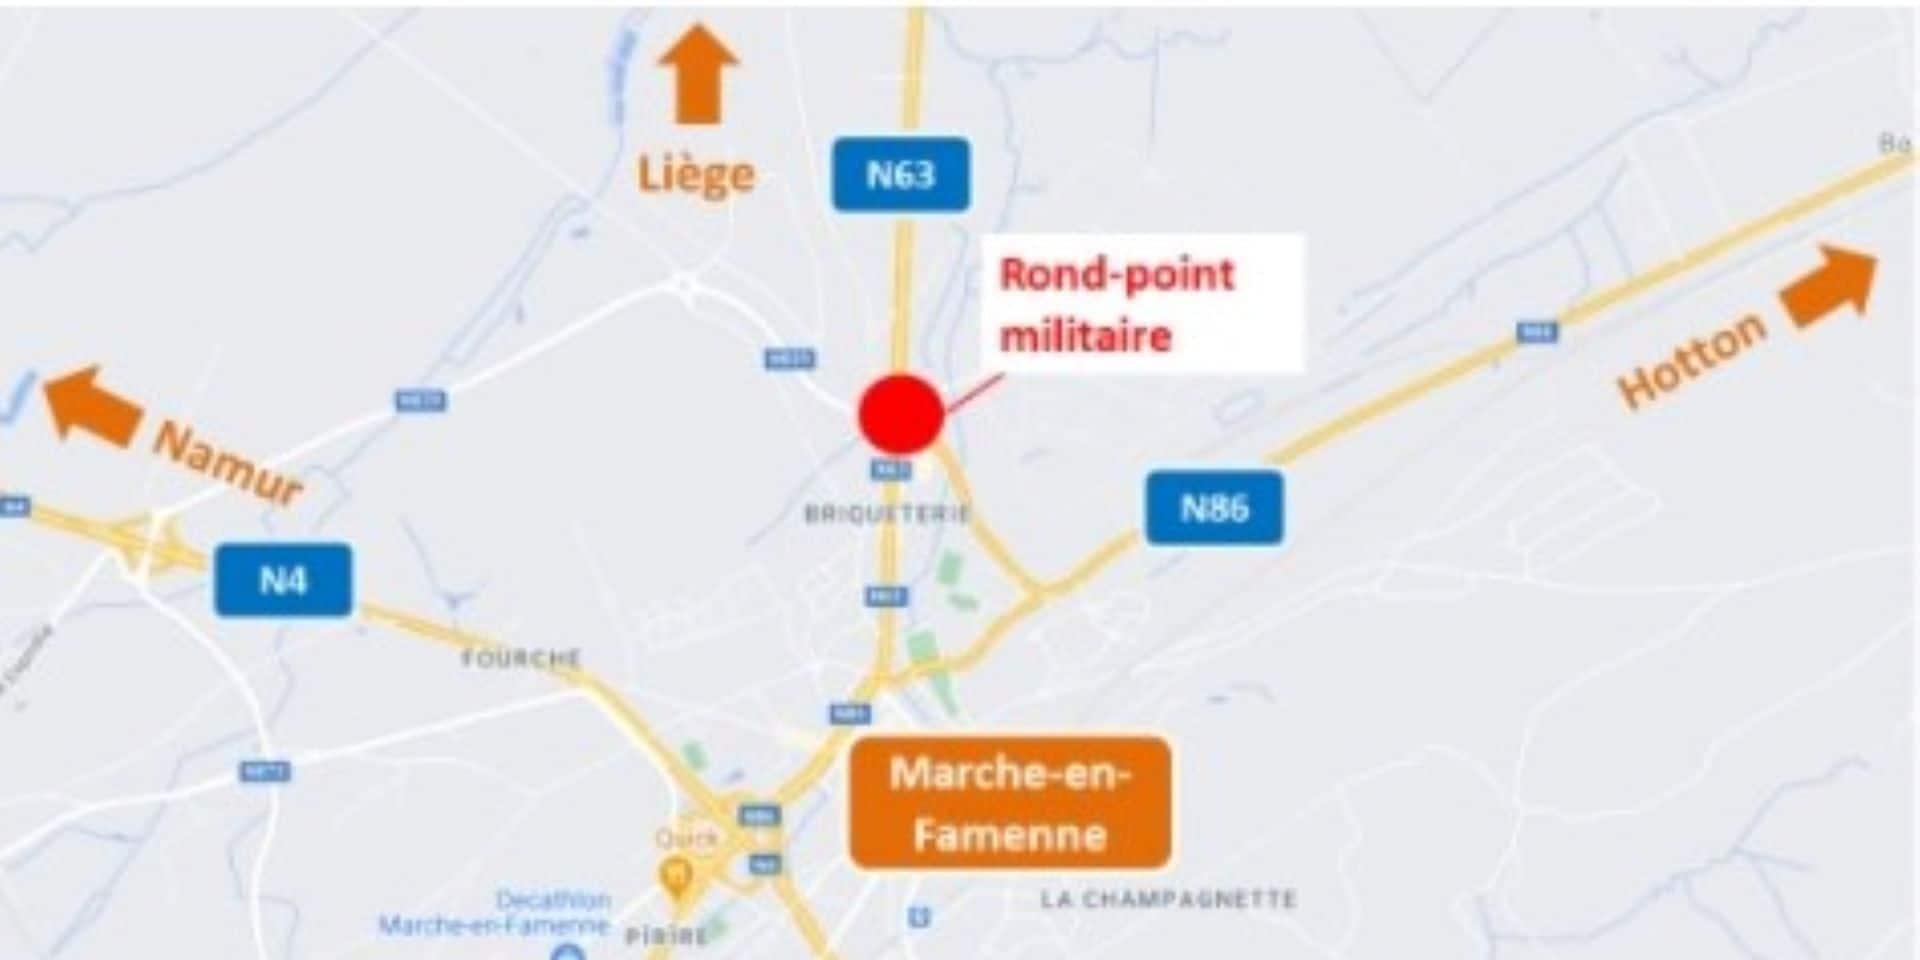 Marche-en-Famenne : réhabilitation du rond-point militaire